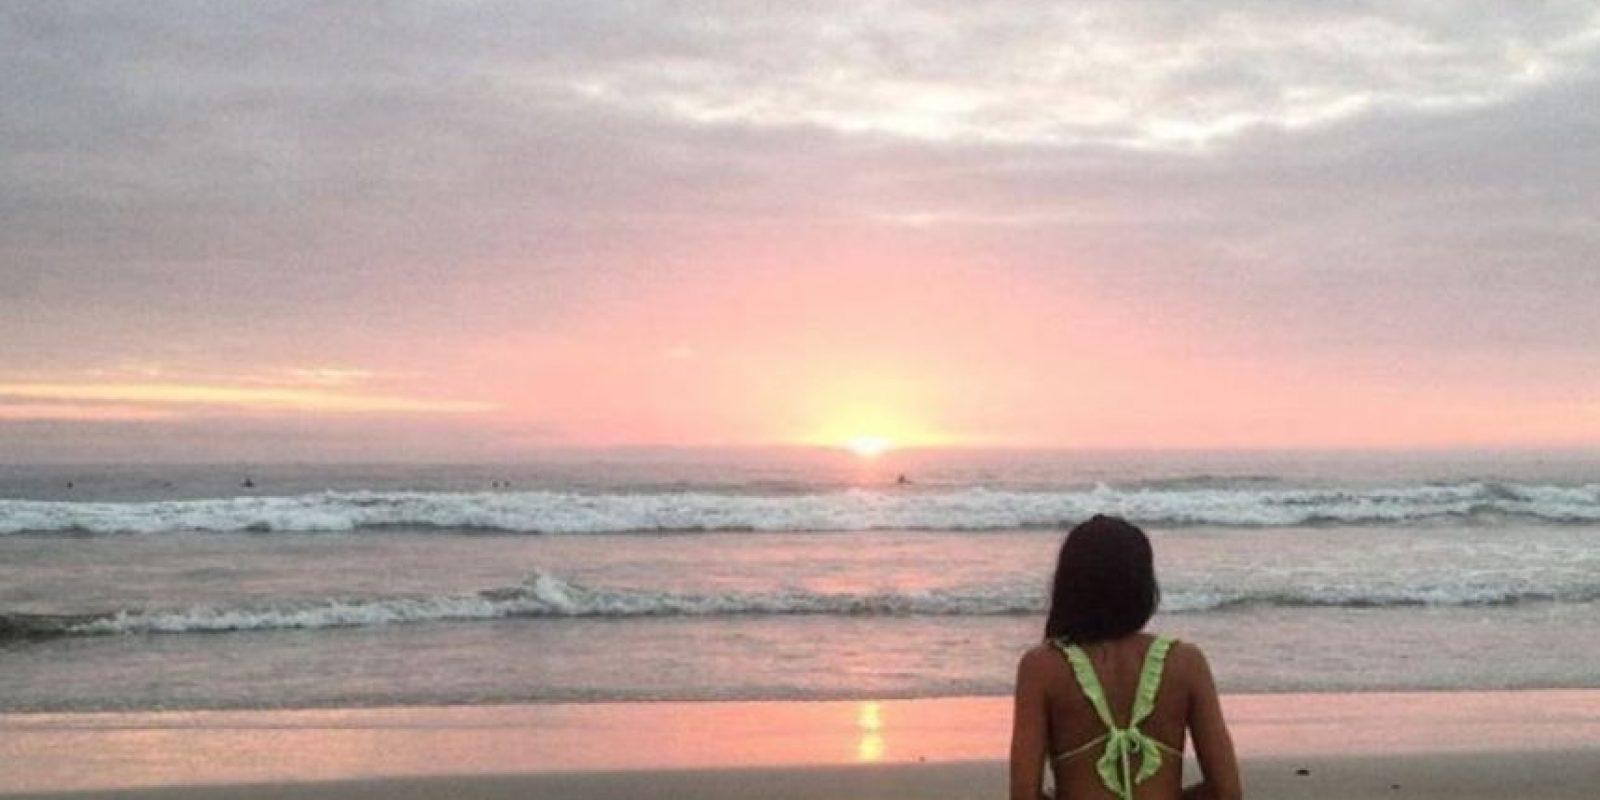 Sin embargo ambas compartian sus buenos momentos mediante las redes sociales Foto:instagram.com/mariajose.coni/